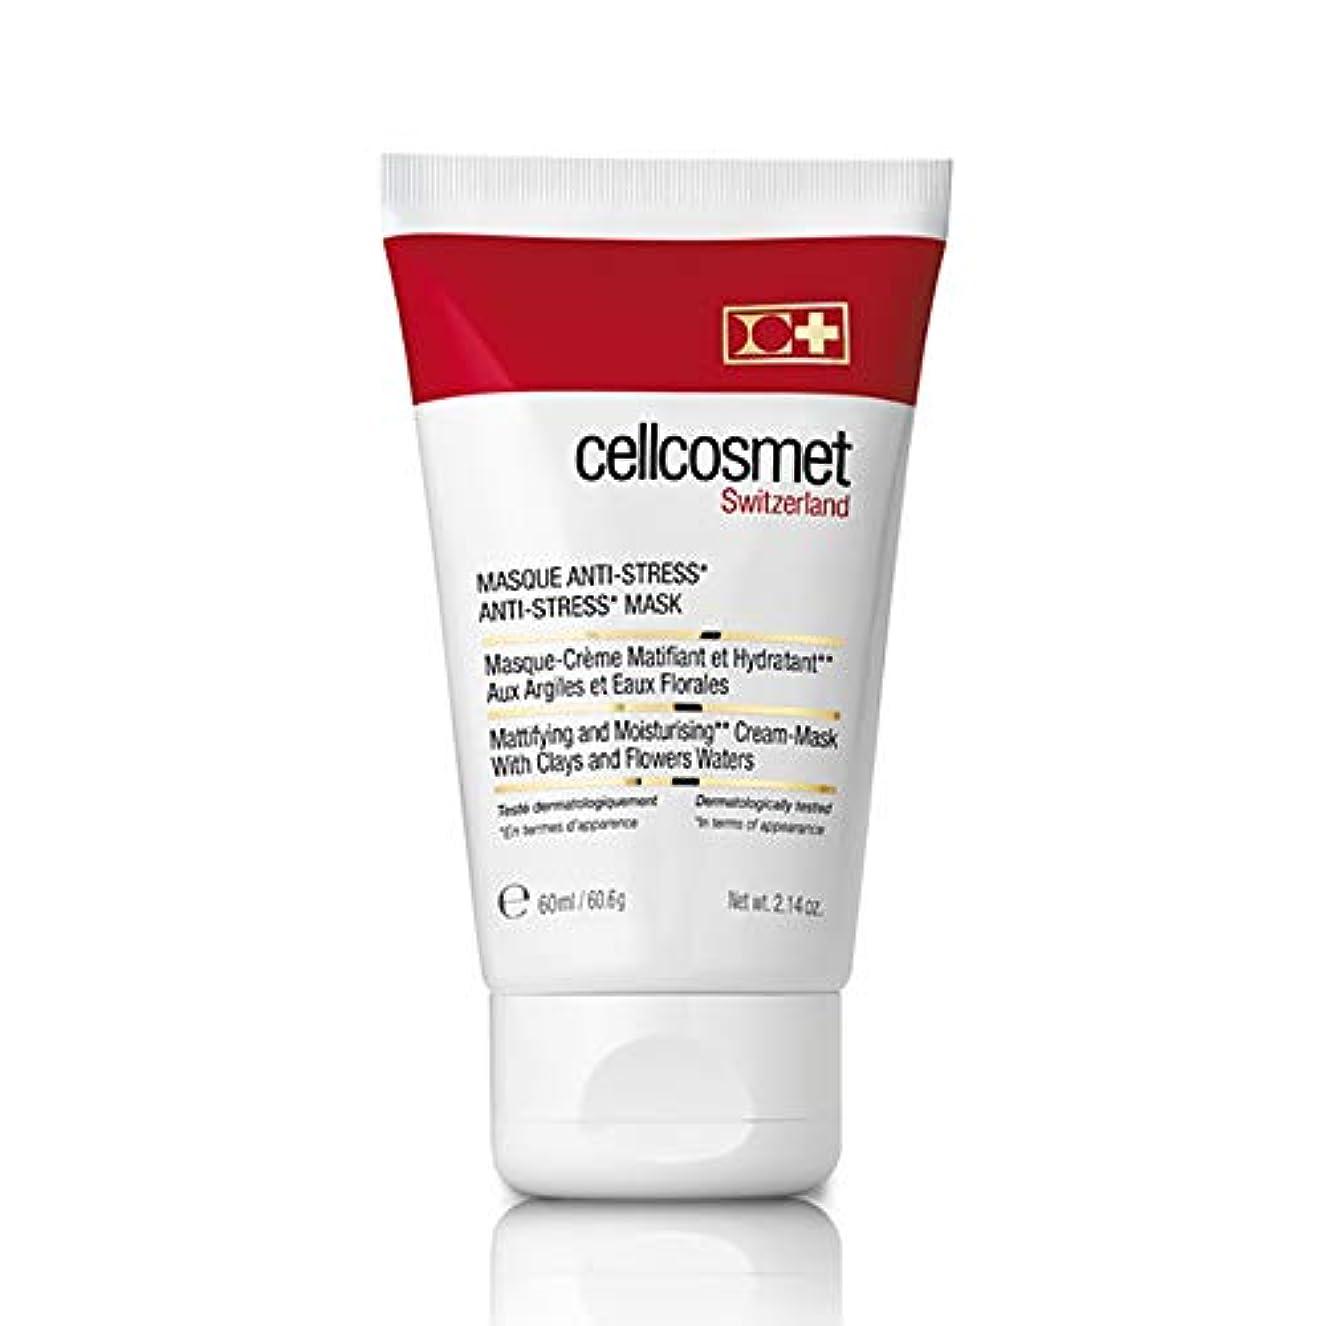 ブートホイットニー親セルコスメ & セルメン Cellcosmet Anti-Stress Mask - Ideal For Stressed, Sensitive or Reactive Skin 60ml/2.14oz並行輸入品